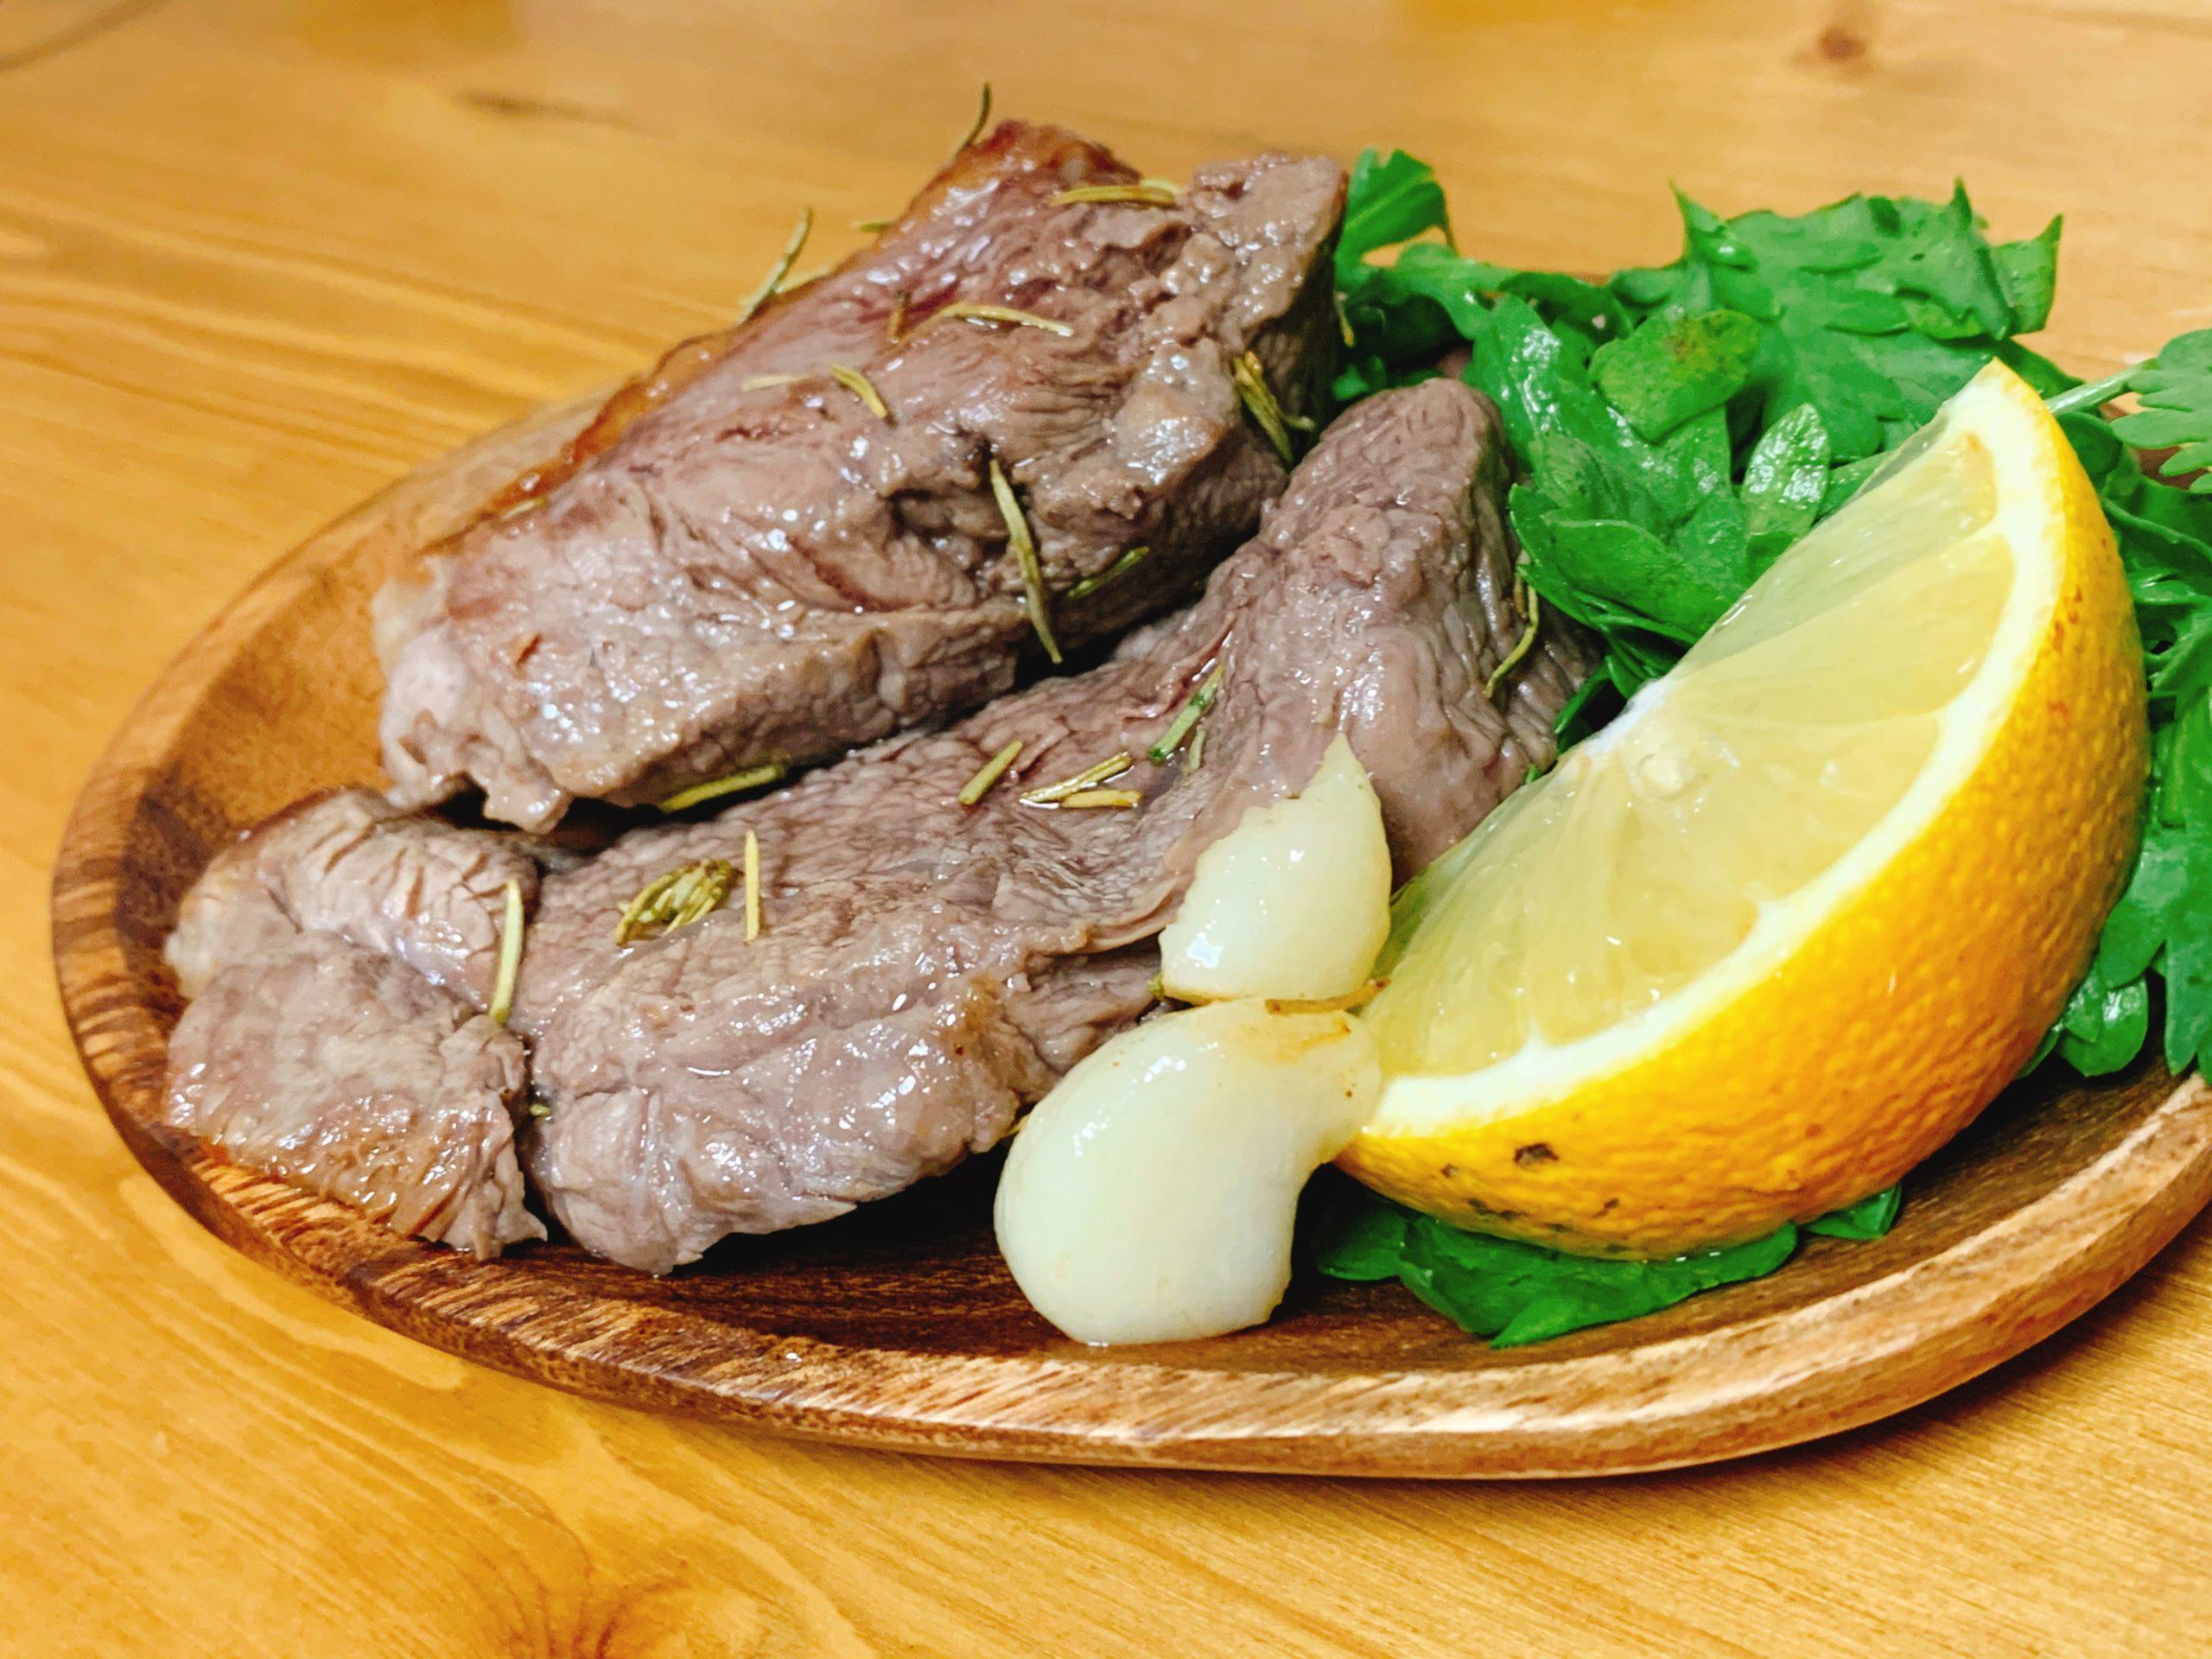 【低脂質】ラム肉のロースト